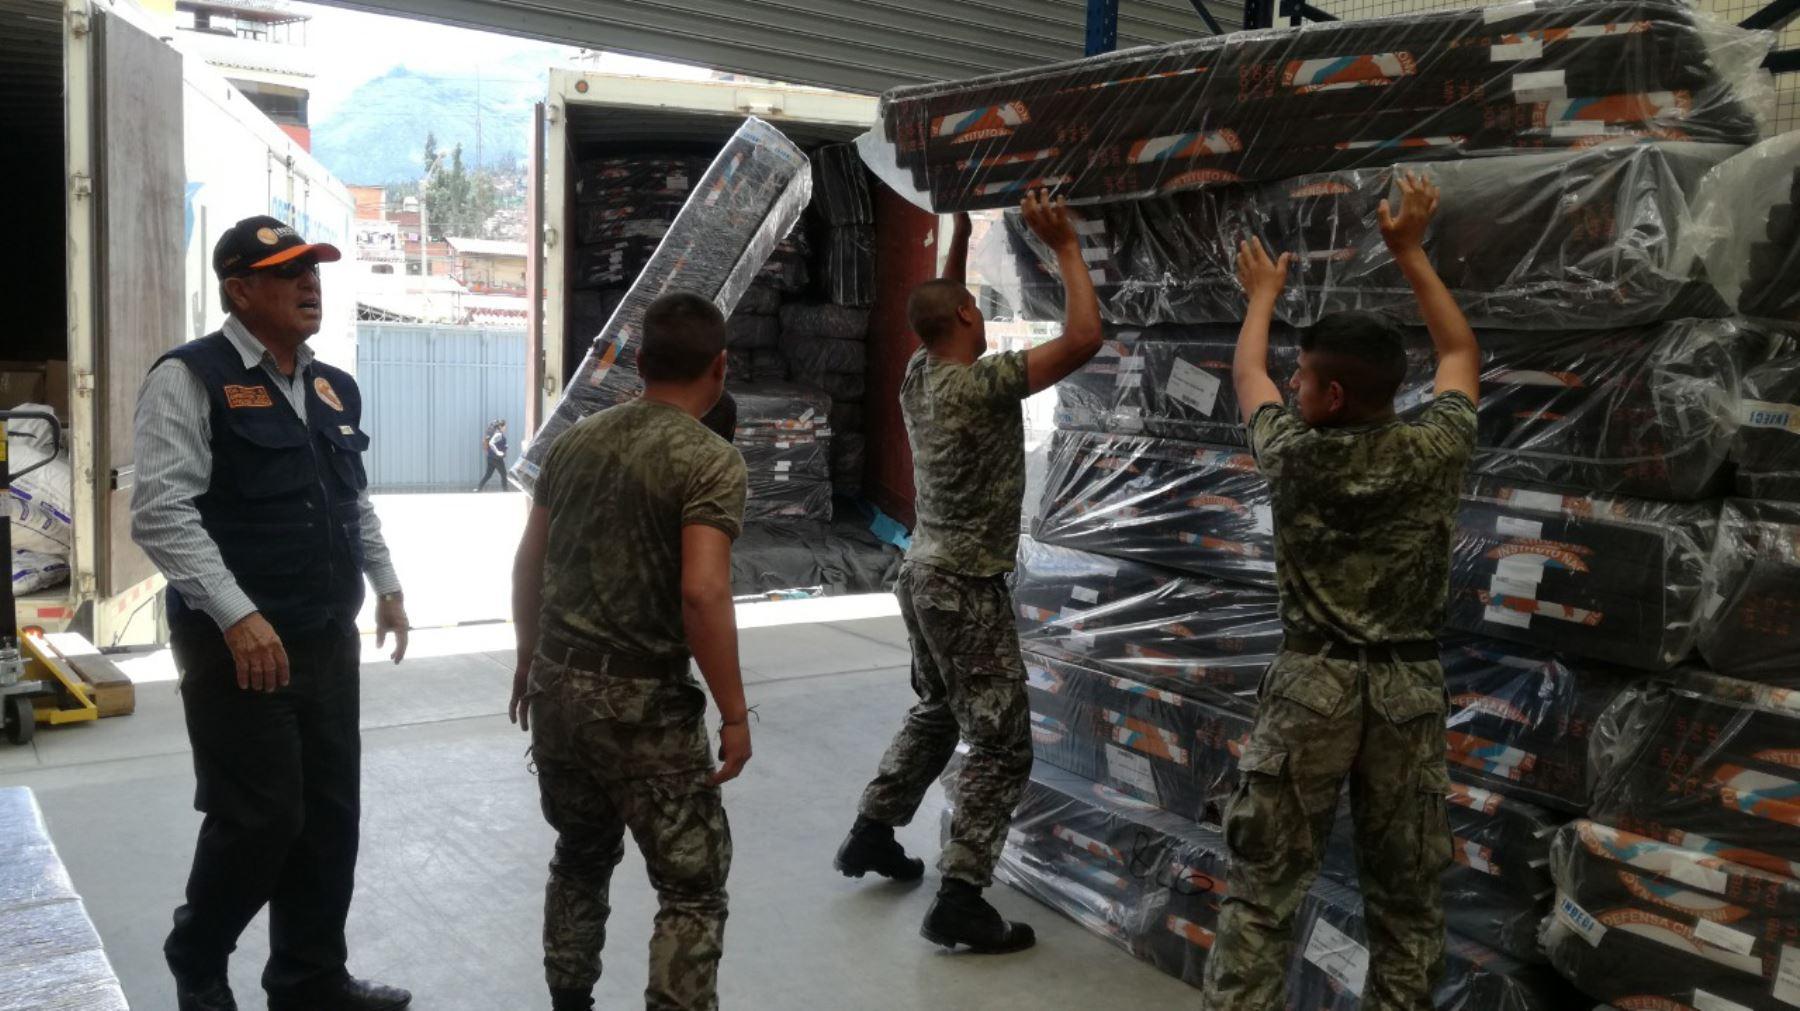 Soldados ayudan en la distribución de la ayuda humanitaria entregada por el Indeci al Gobierno Regional de Áncash para los damnificados y afectados por las lluvias. Foto: ANDINA/Gonalo Horna